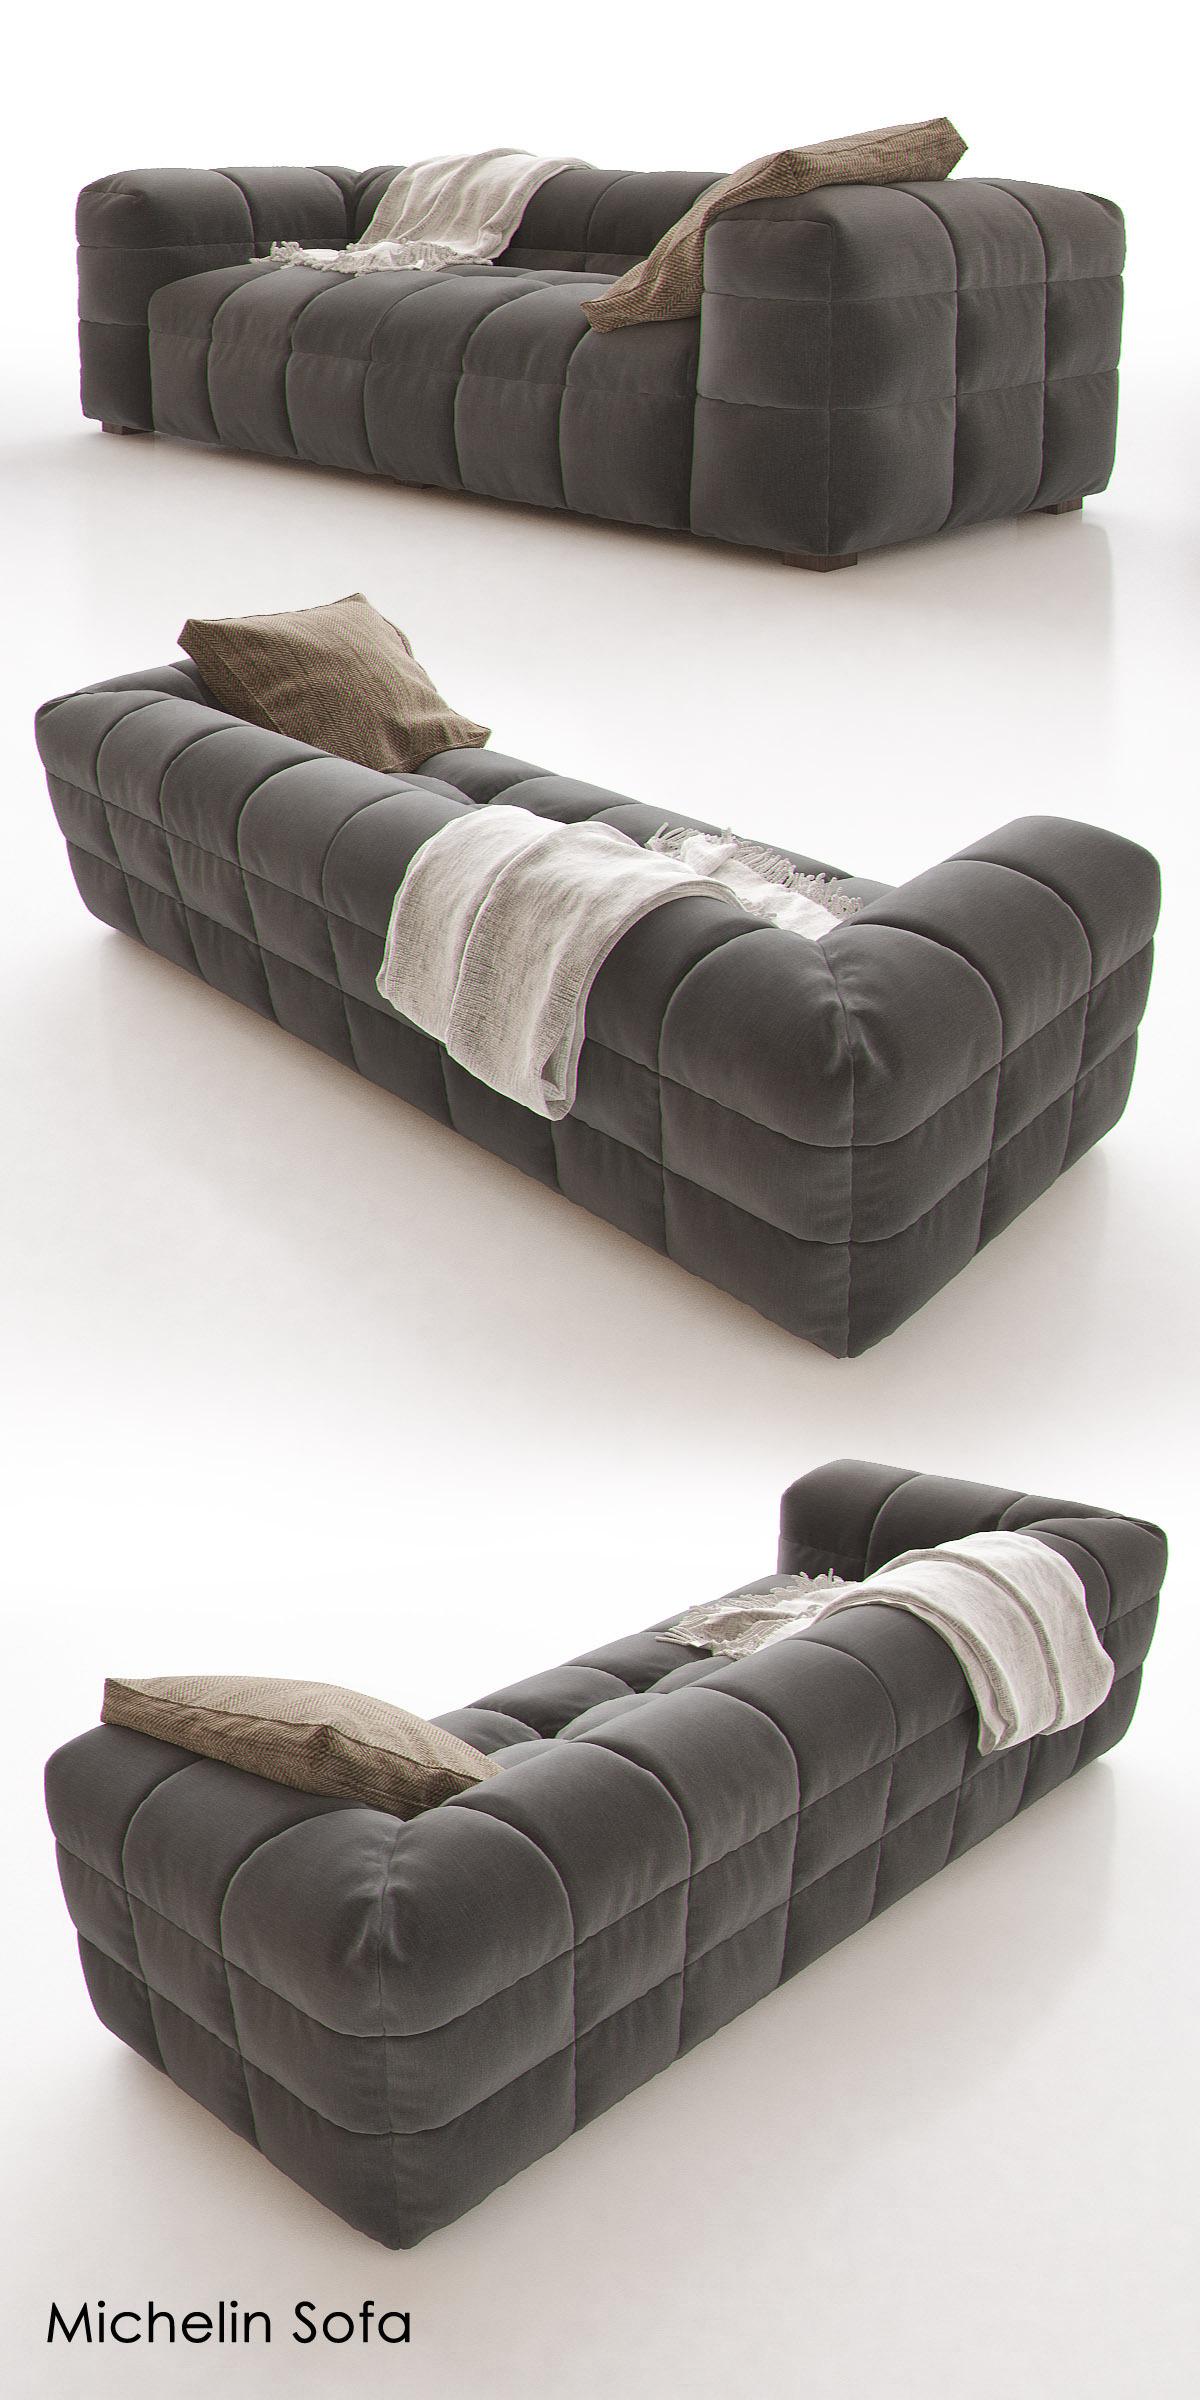 Michelin Sofa 01 ...